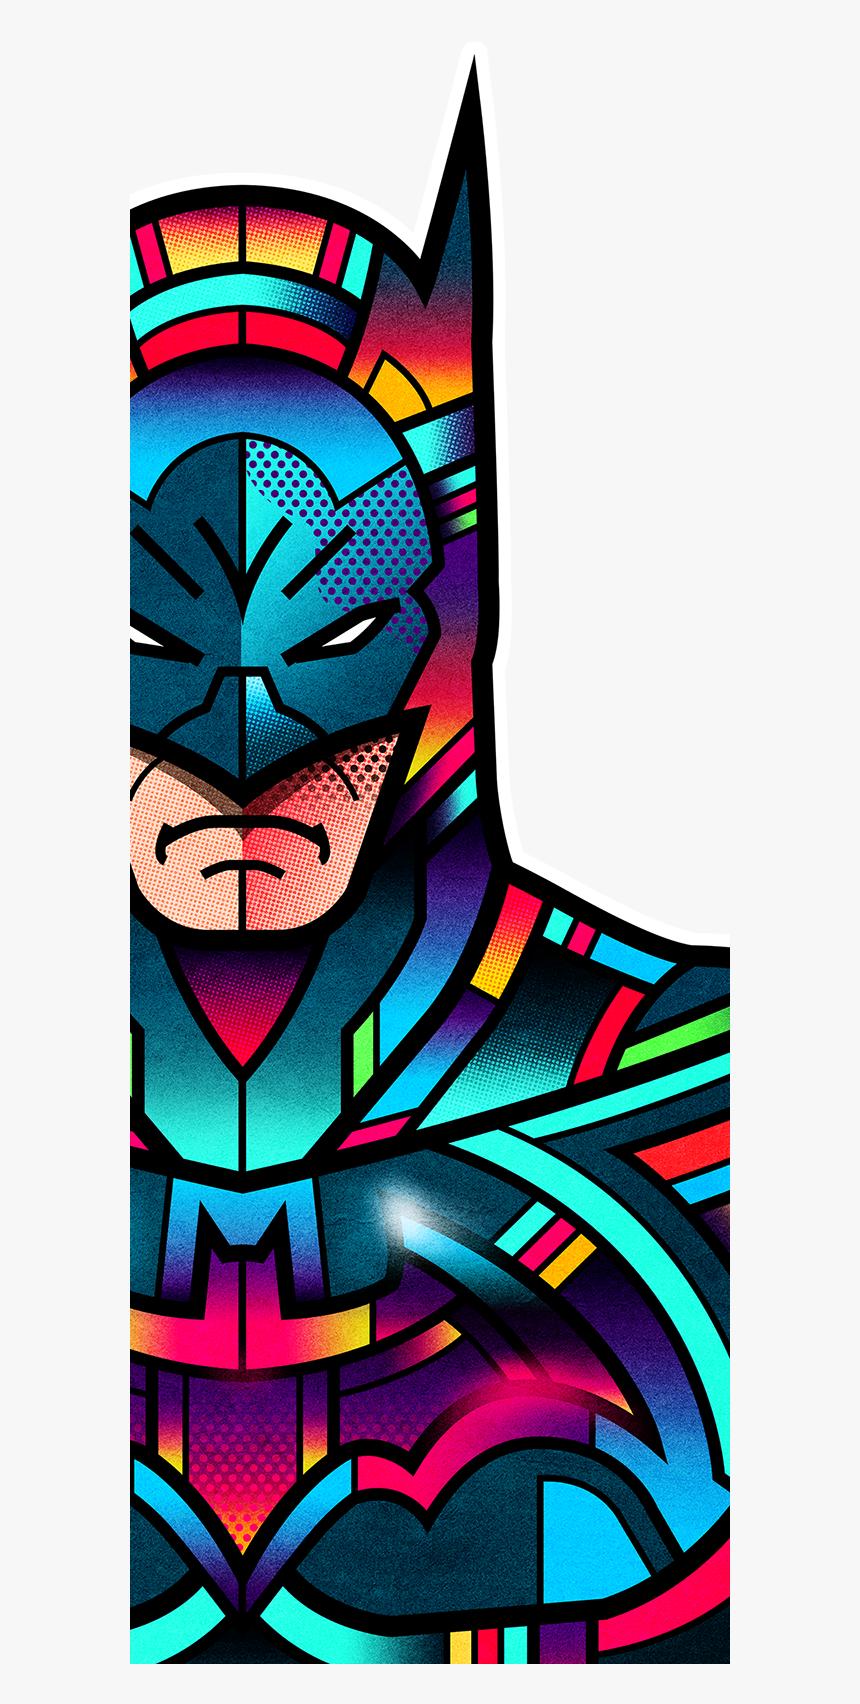 Superheroes Wondercon 2015 On Behance - Pop Art Superheroes Marvel, HD Png Download, Free Download